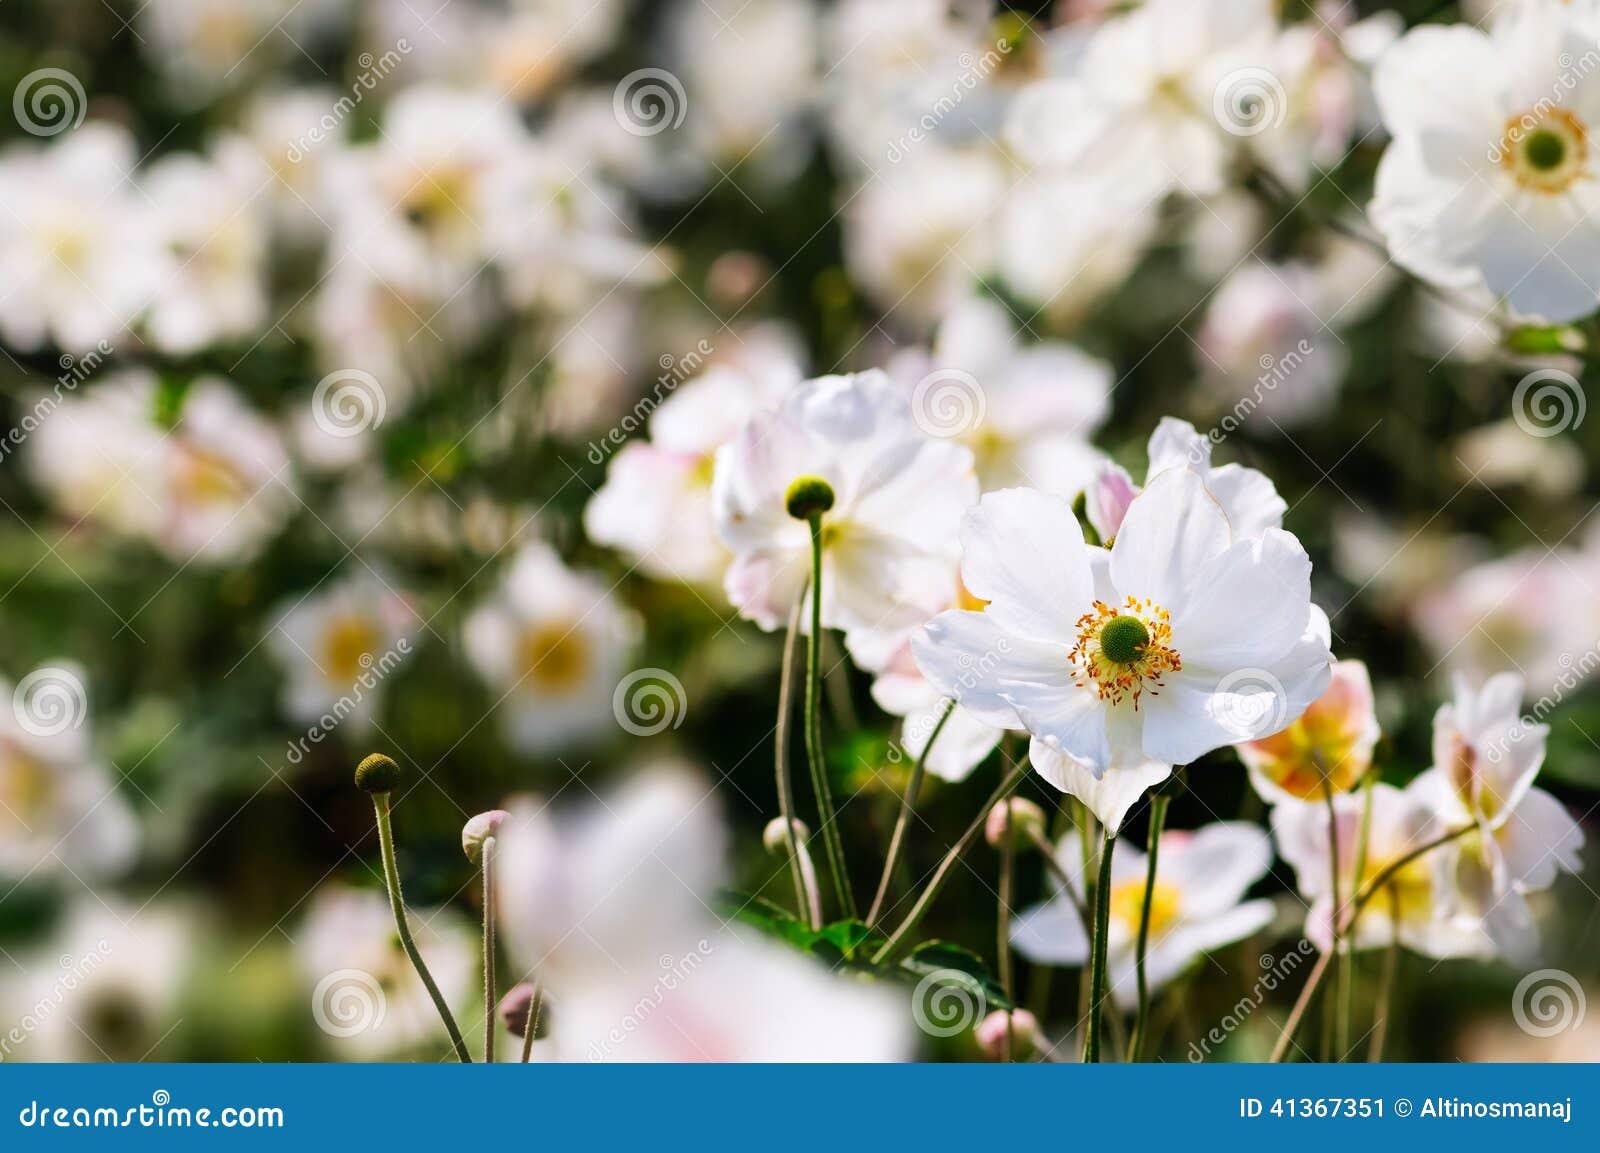 Libre de droits. Download Anémones Japonaises , Fleurs Blanches D\u0027automne